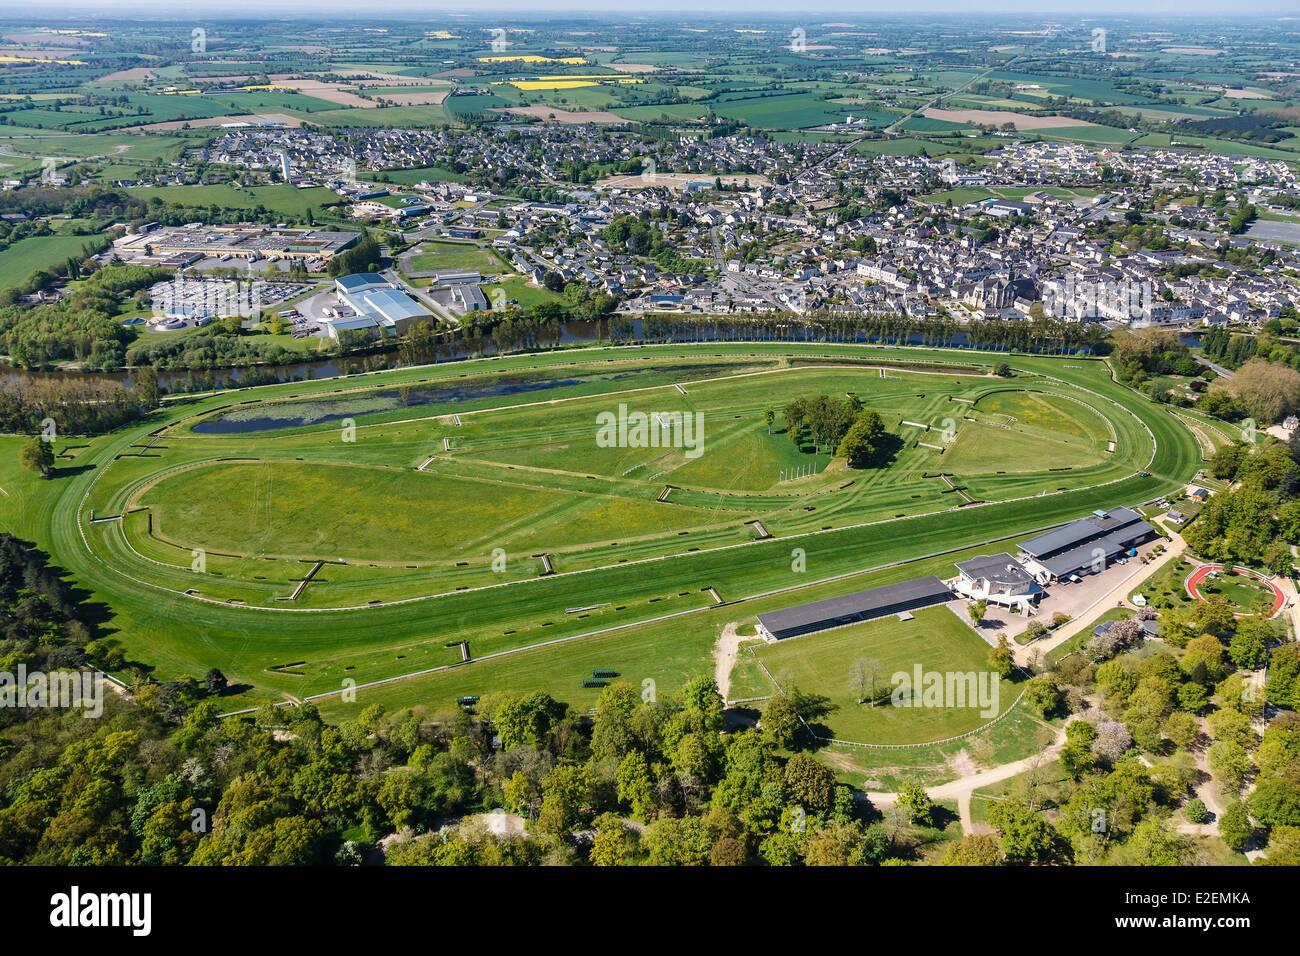 Francia, Maine et Loire, Le Lion d'Angers, racecourse (vista aerea) Immagini Stock